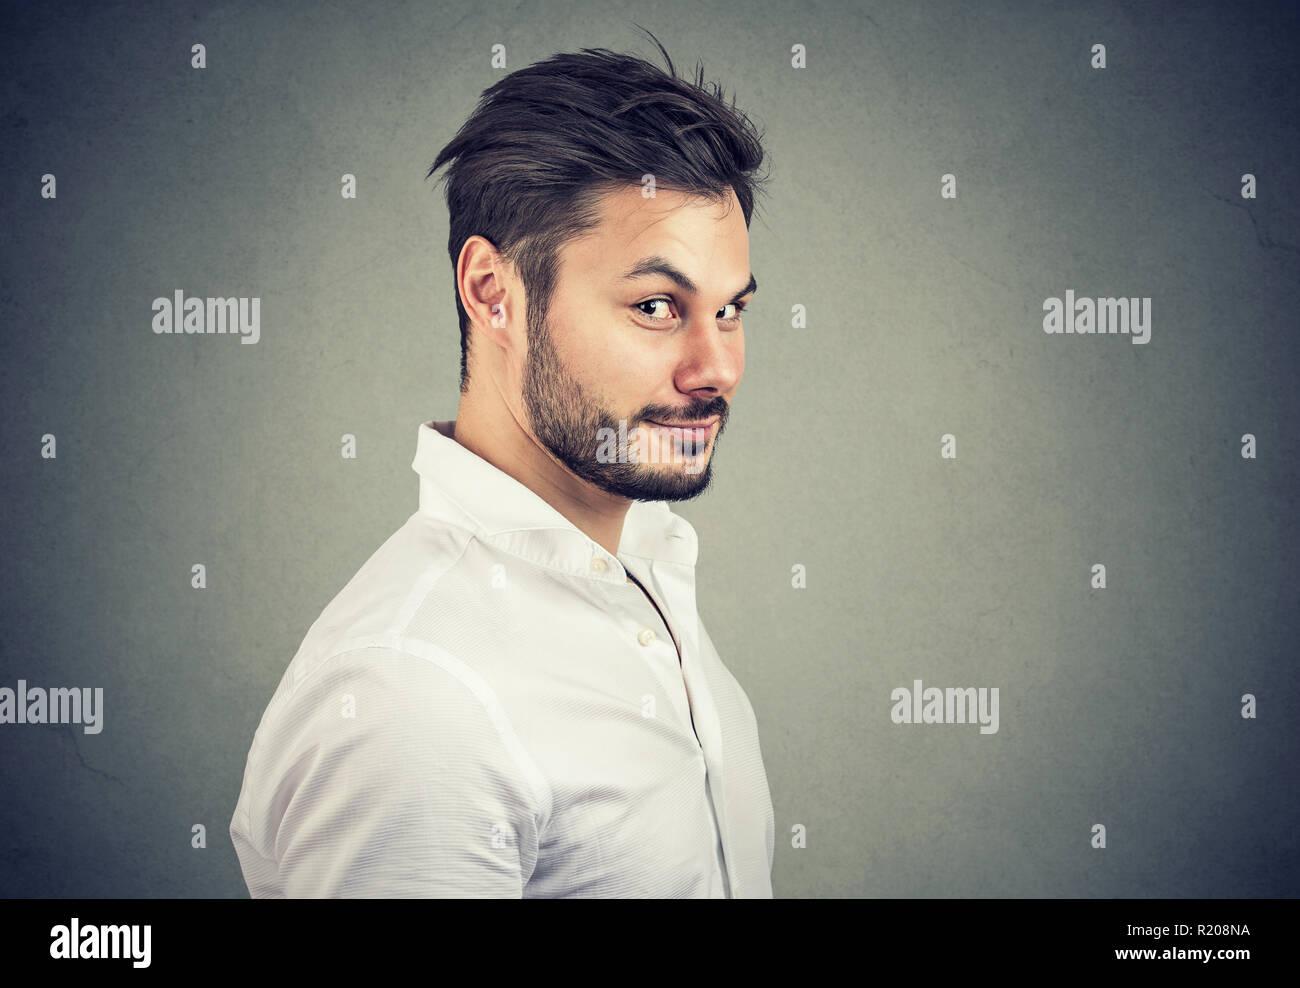 Giovani disonesto uomo in camicia bianca cercando di far finta di sorridere alla fotocamera su sfondo grigio Immagini Stock